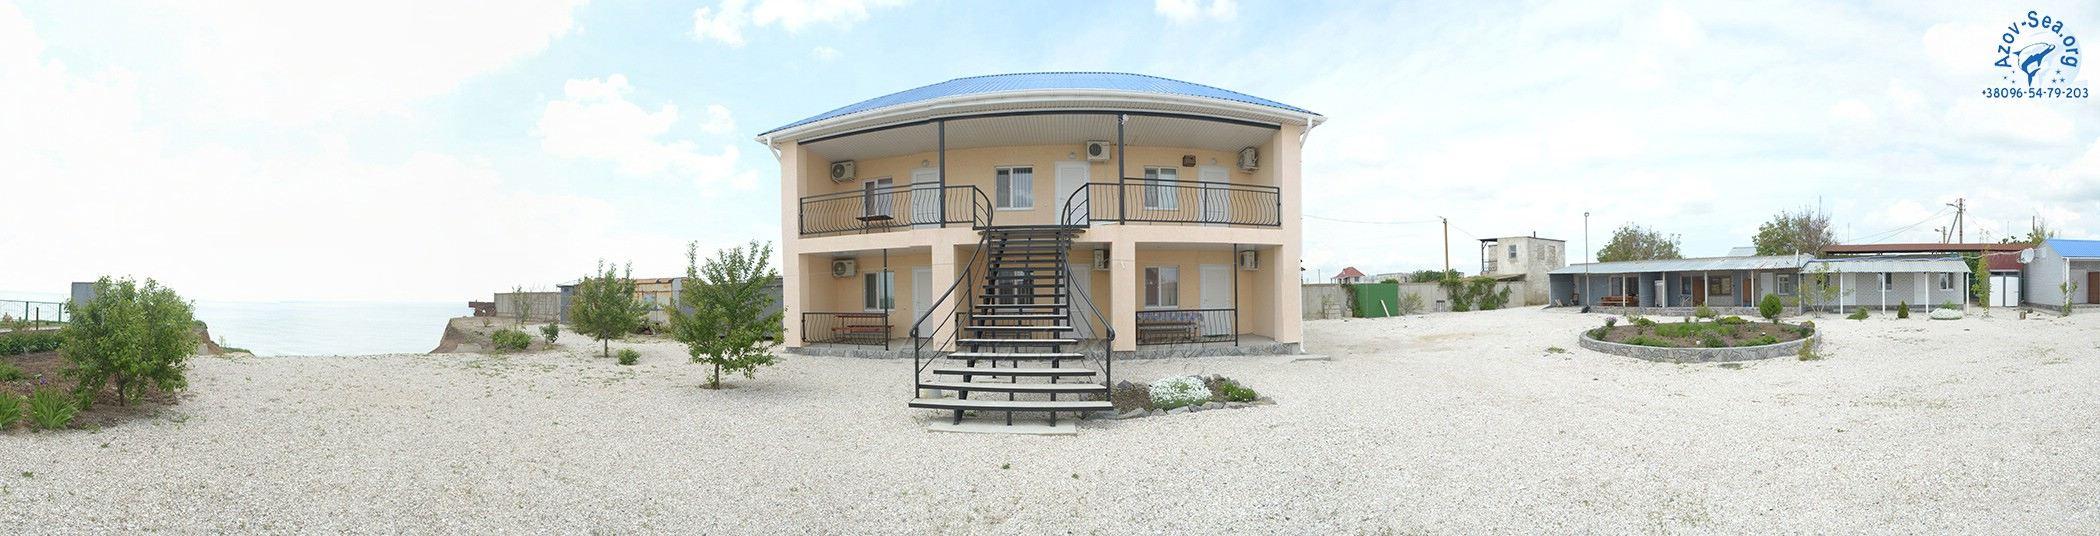 База отдыха Уютный Дворик - Степановка Первая. Отдых на море.